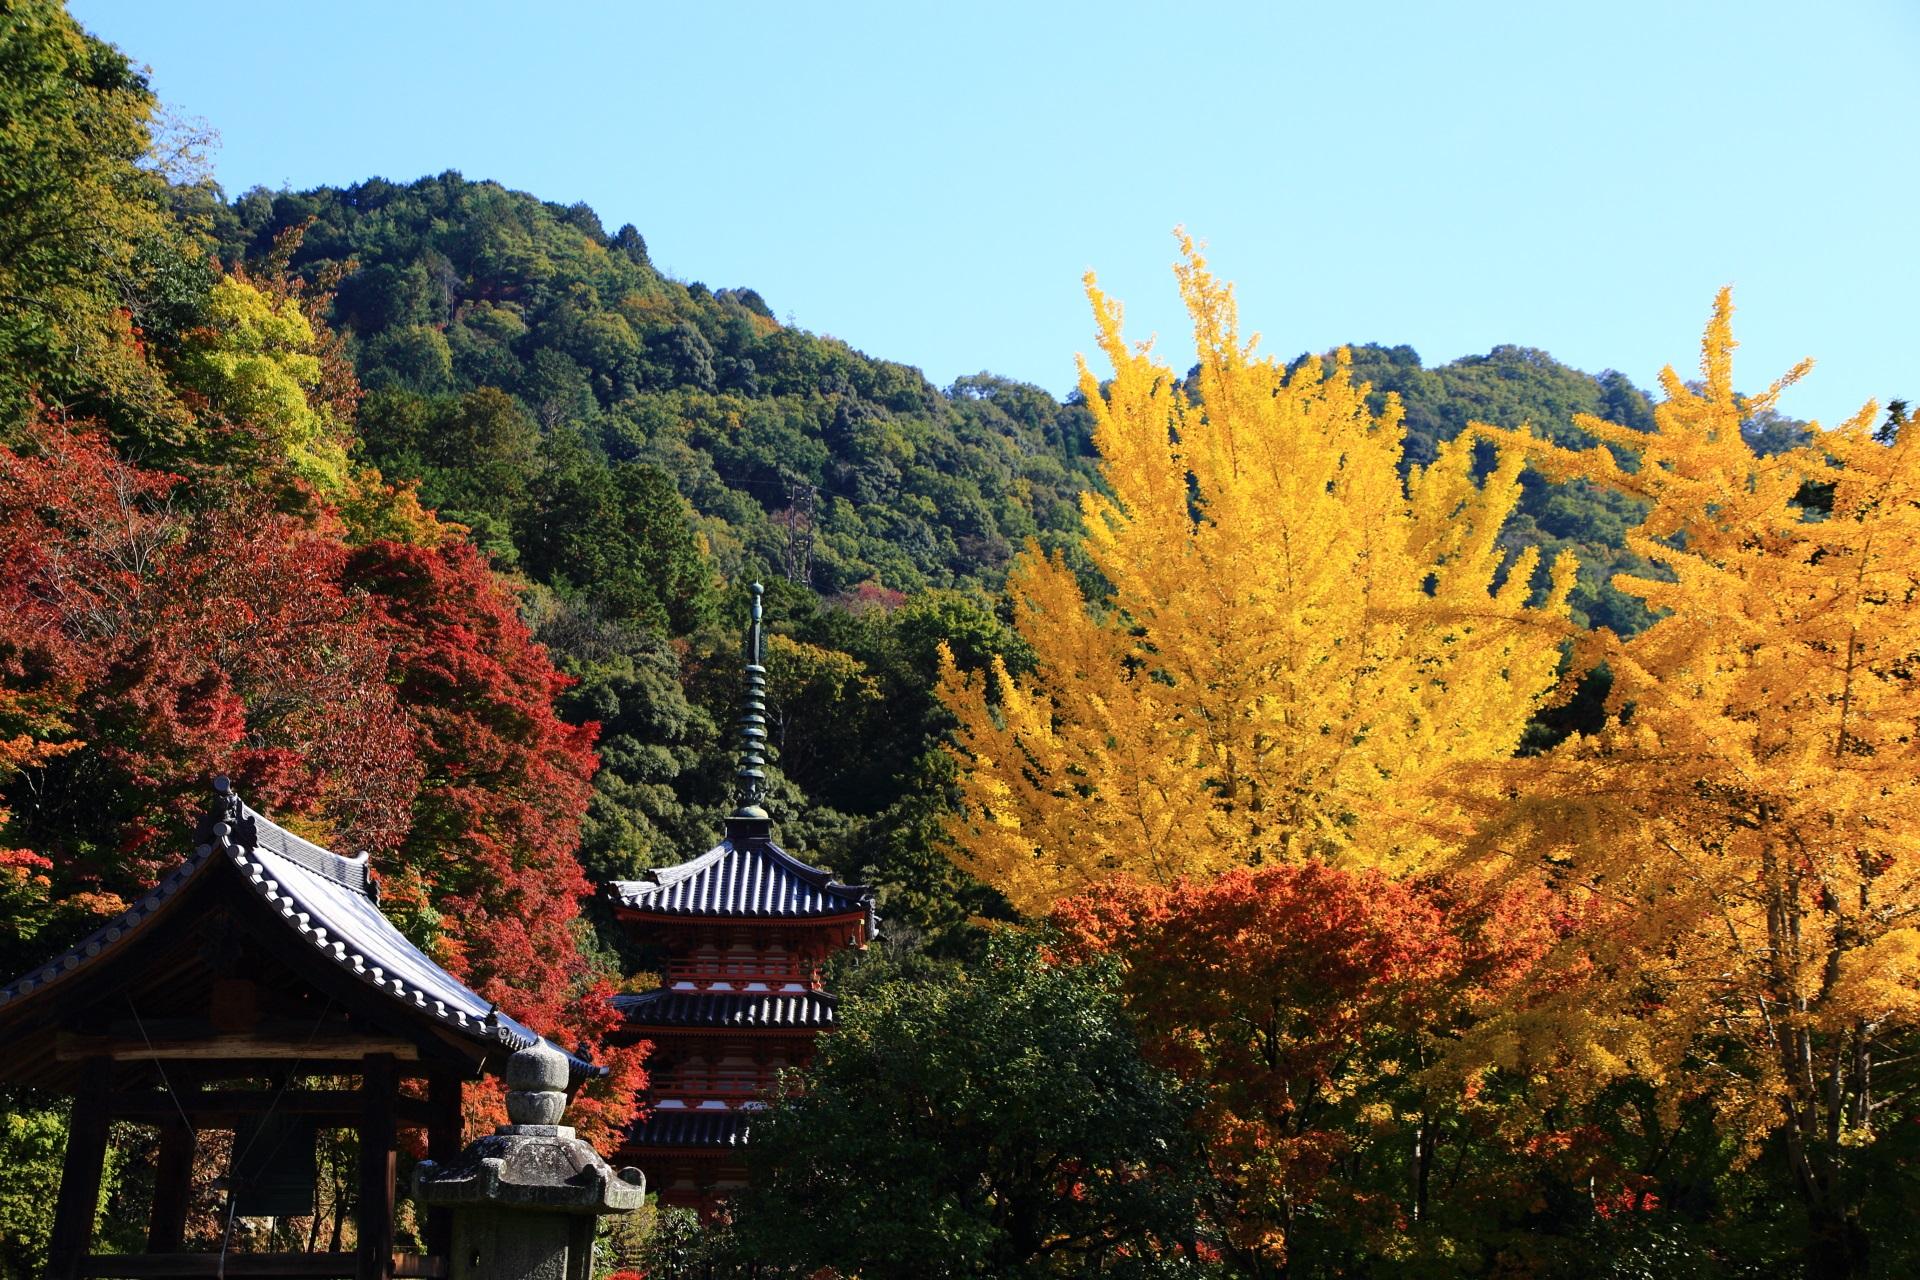 三重塔と銀杏の三室戸寺の絵になる秋の風景